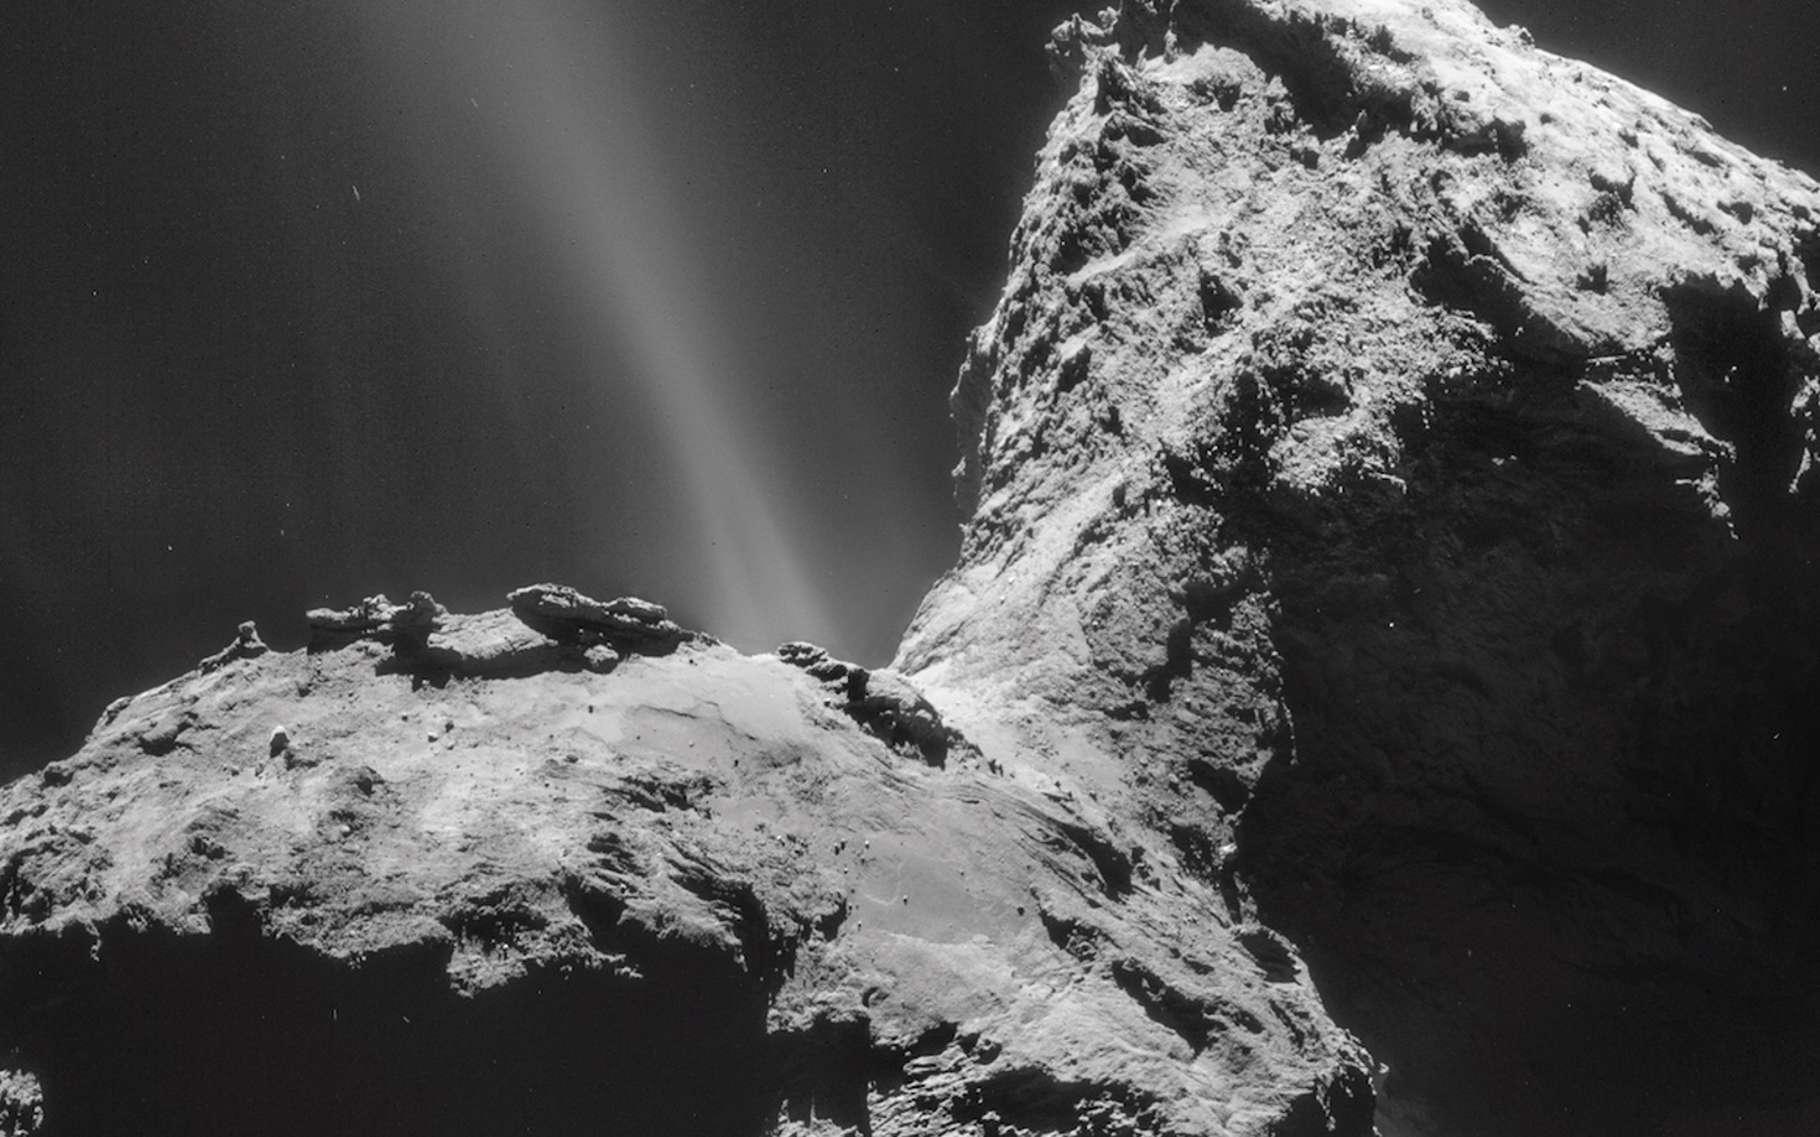 Un sursaut d'activité a été observé par chance par la sonde Rosetta le 19 février 2016 dans la région d'Atum, sur le plus grand des deux lobes de la comète Tchouri. Ici, la comète est photographiée avec la NavCam de Rosetta le 31 janvier 2015 (mosaïque de 4 images). Depuis de longs mois, l'activité la plus forte est observée dans la région du cou. © Esa, Rosetta, NavCam – CC BY-SA IGO 3.0